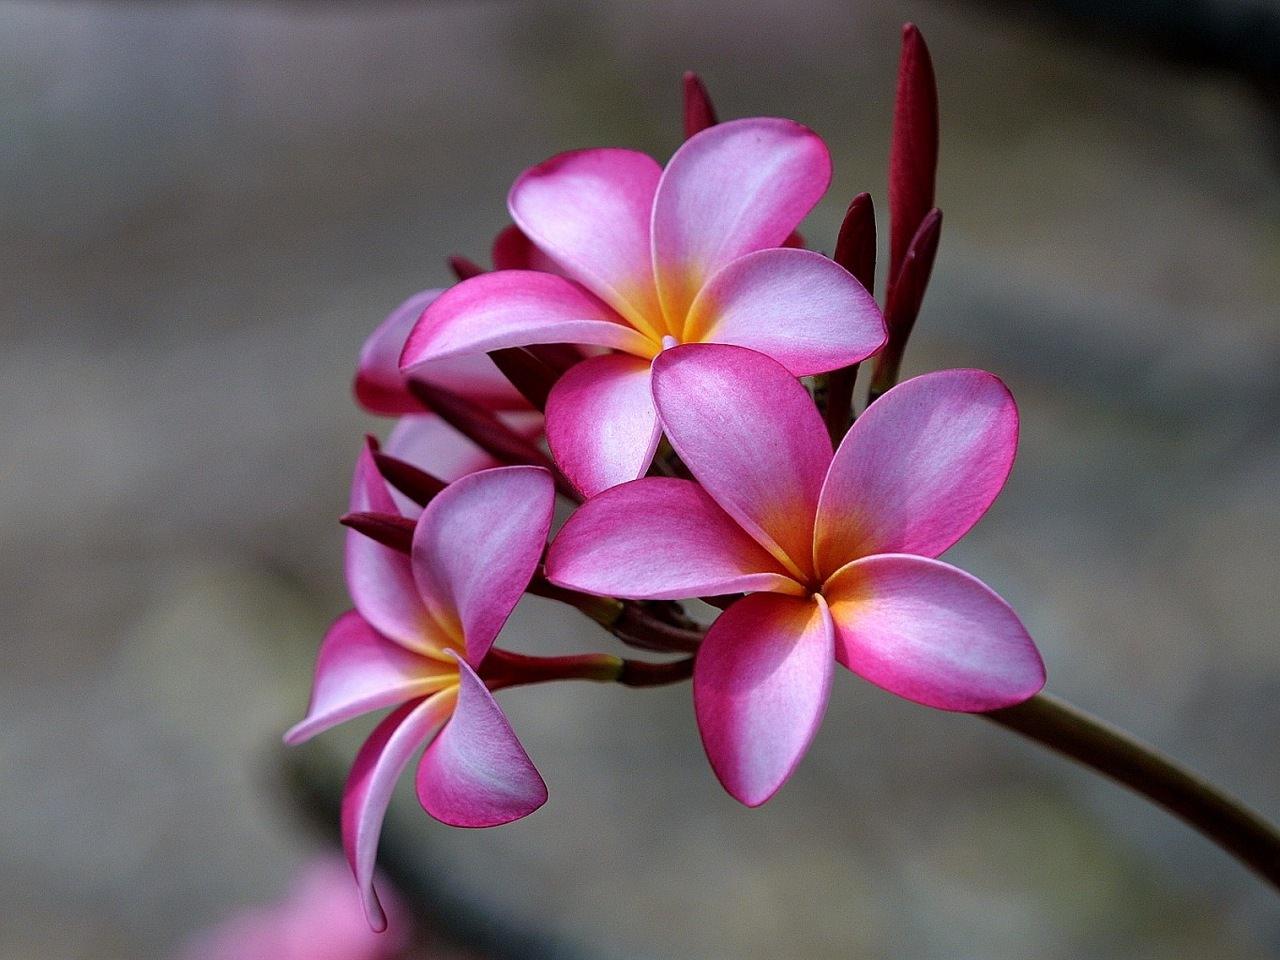 Belles photos de fleurs